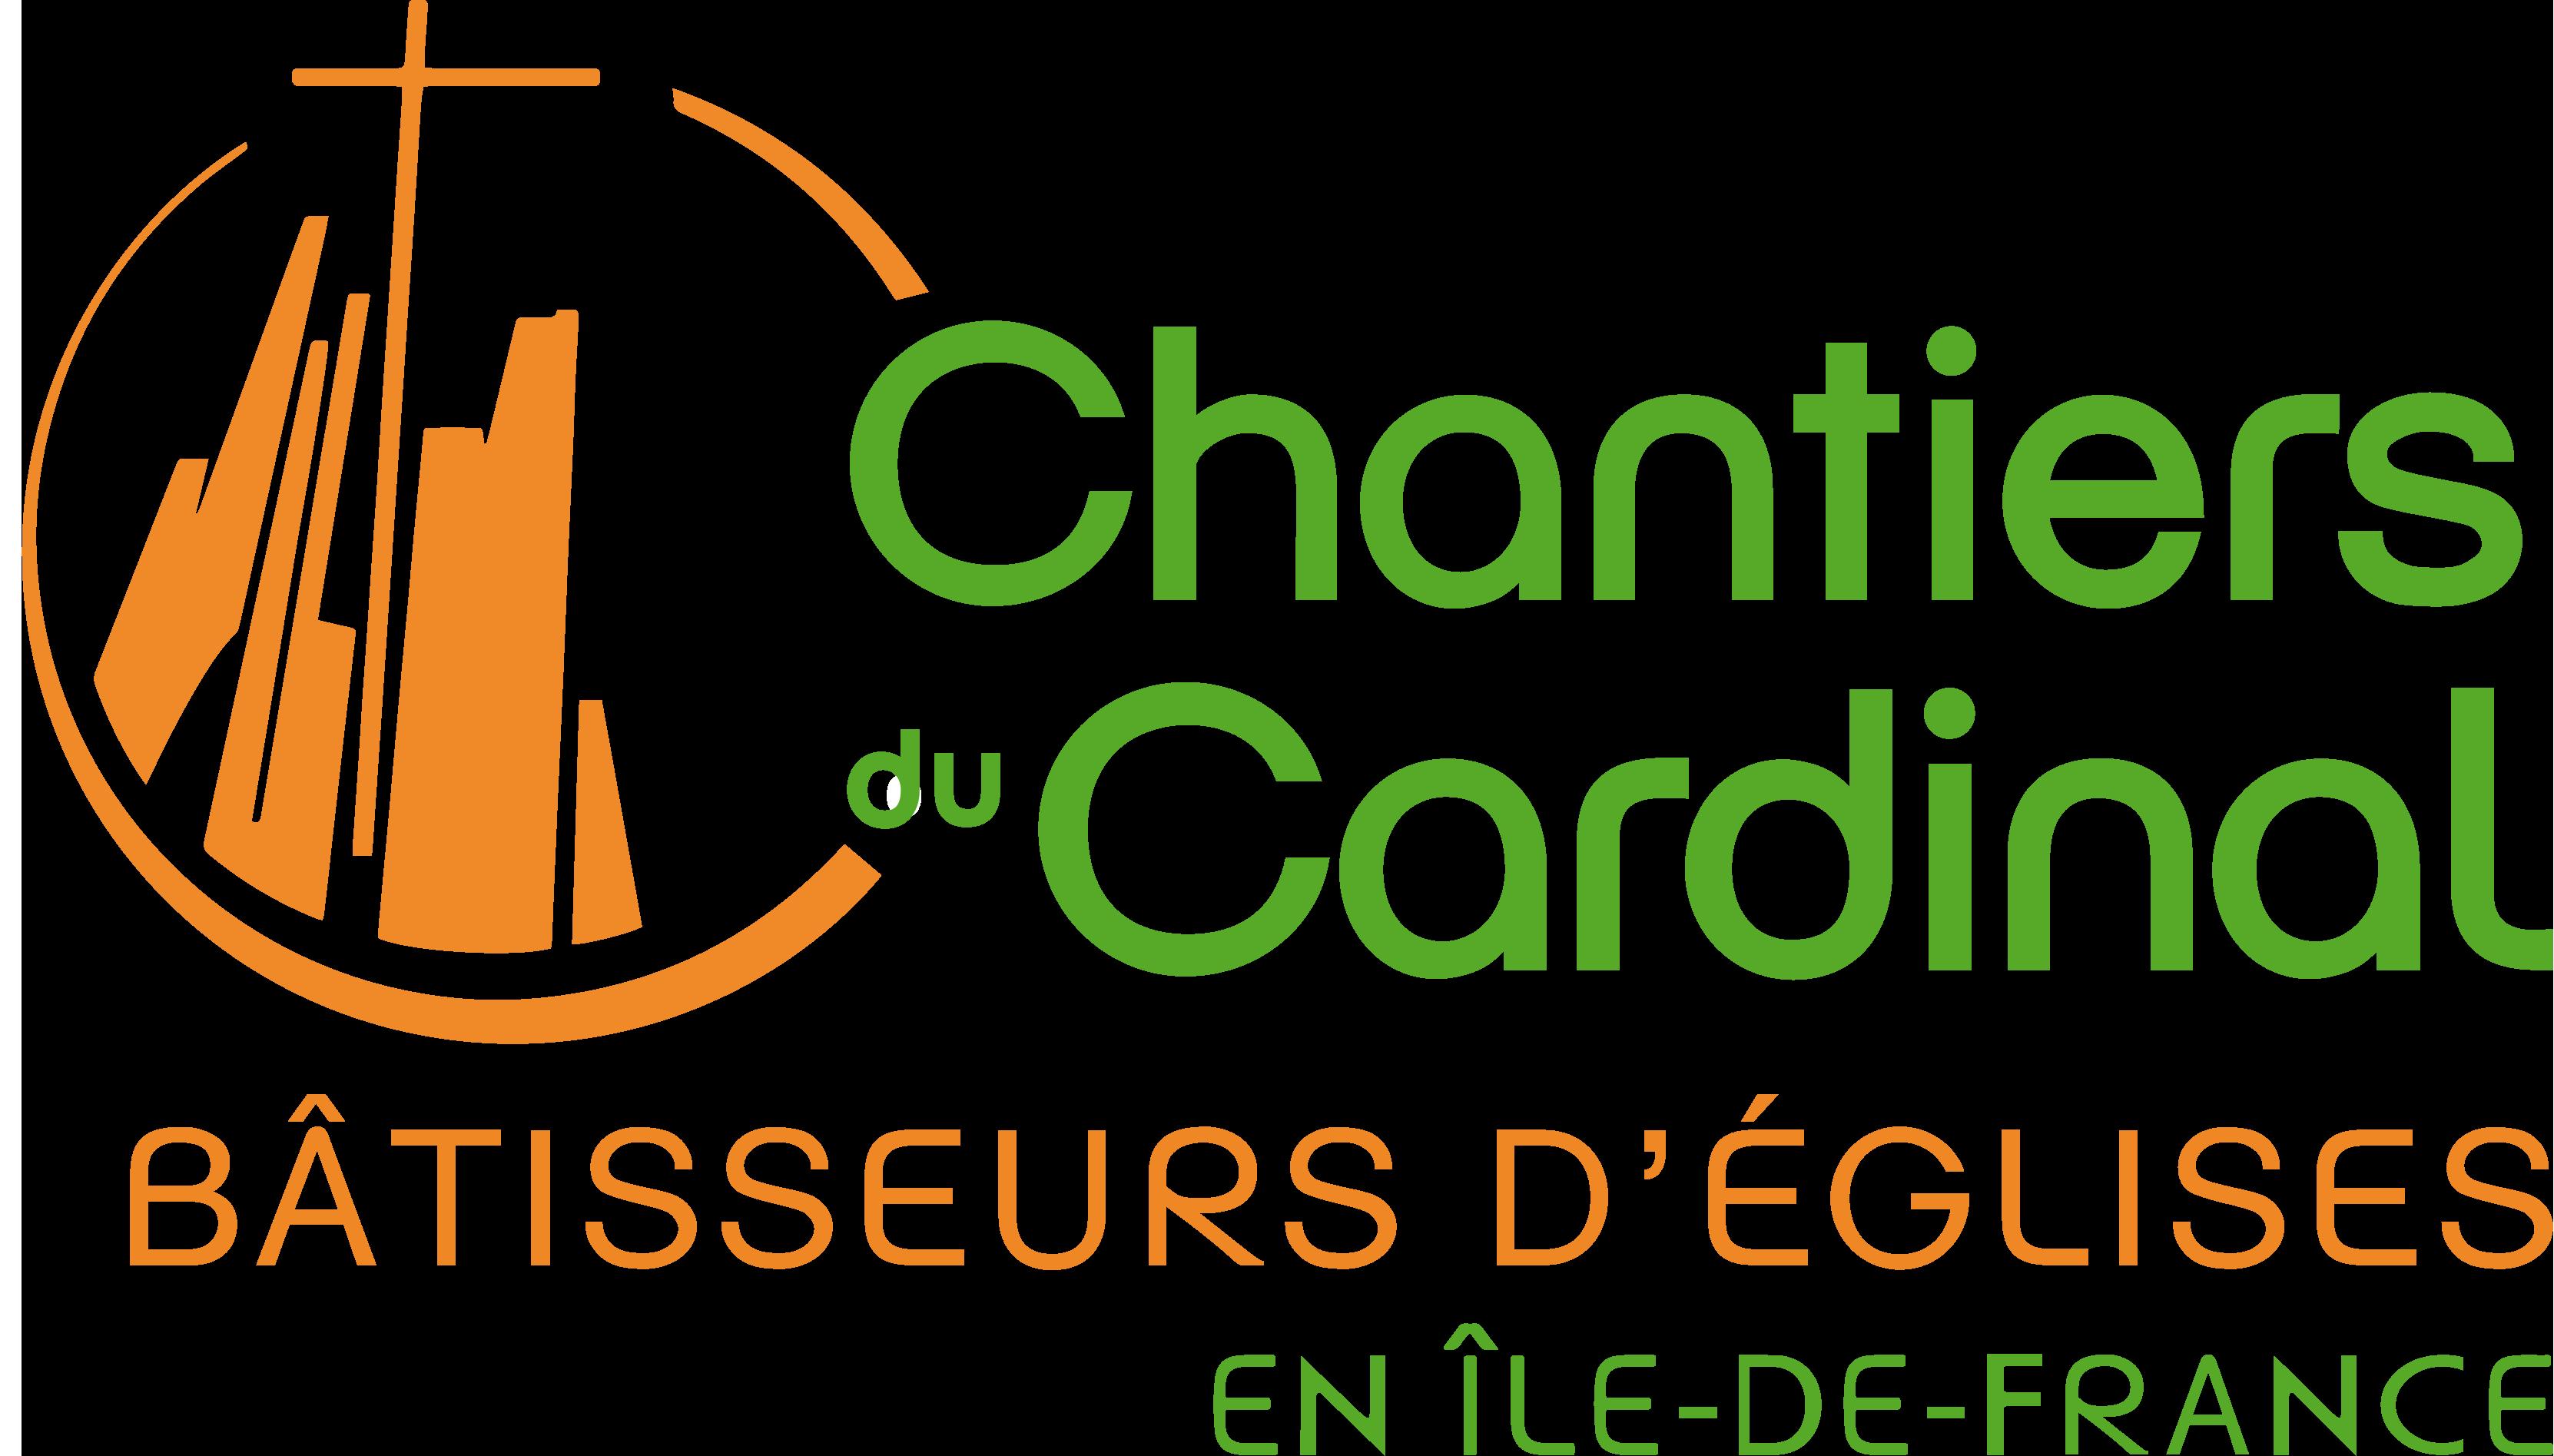 Chantiers du Cardinal – Bâtisseurs d'églises